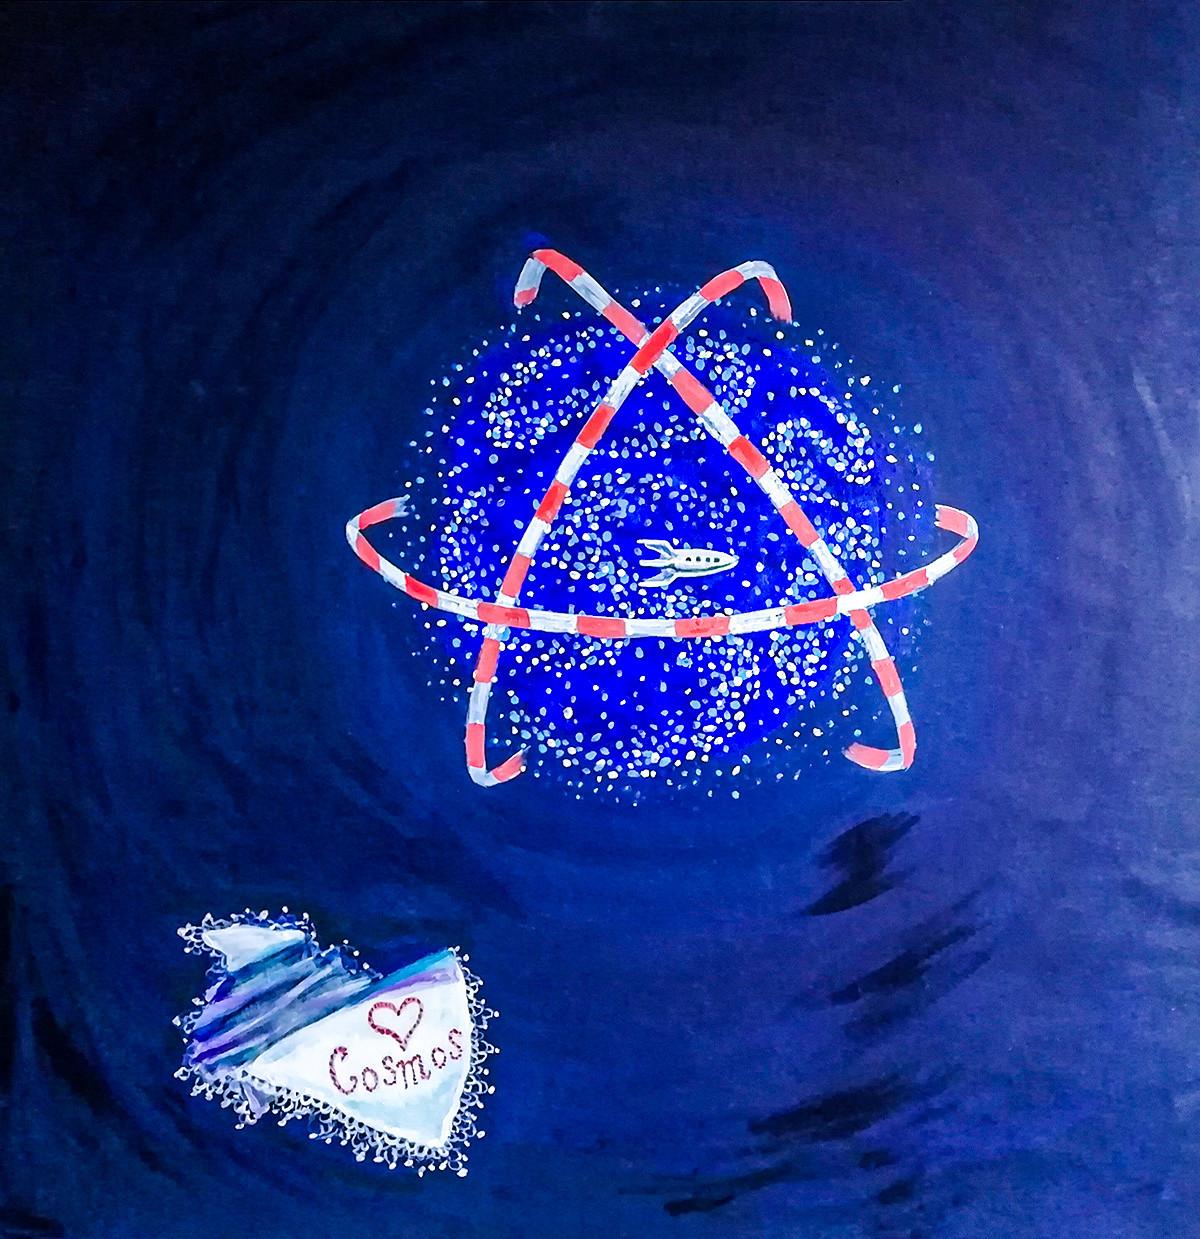 Cosmos (!!!Hay un corazón púrpura sonriente delante del nombre!!!)